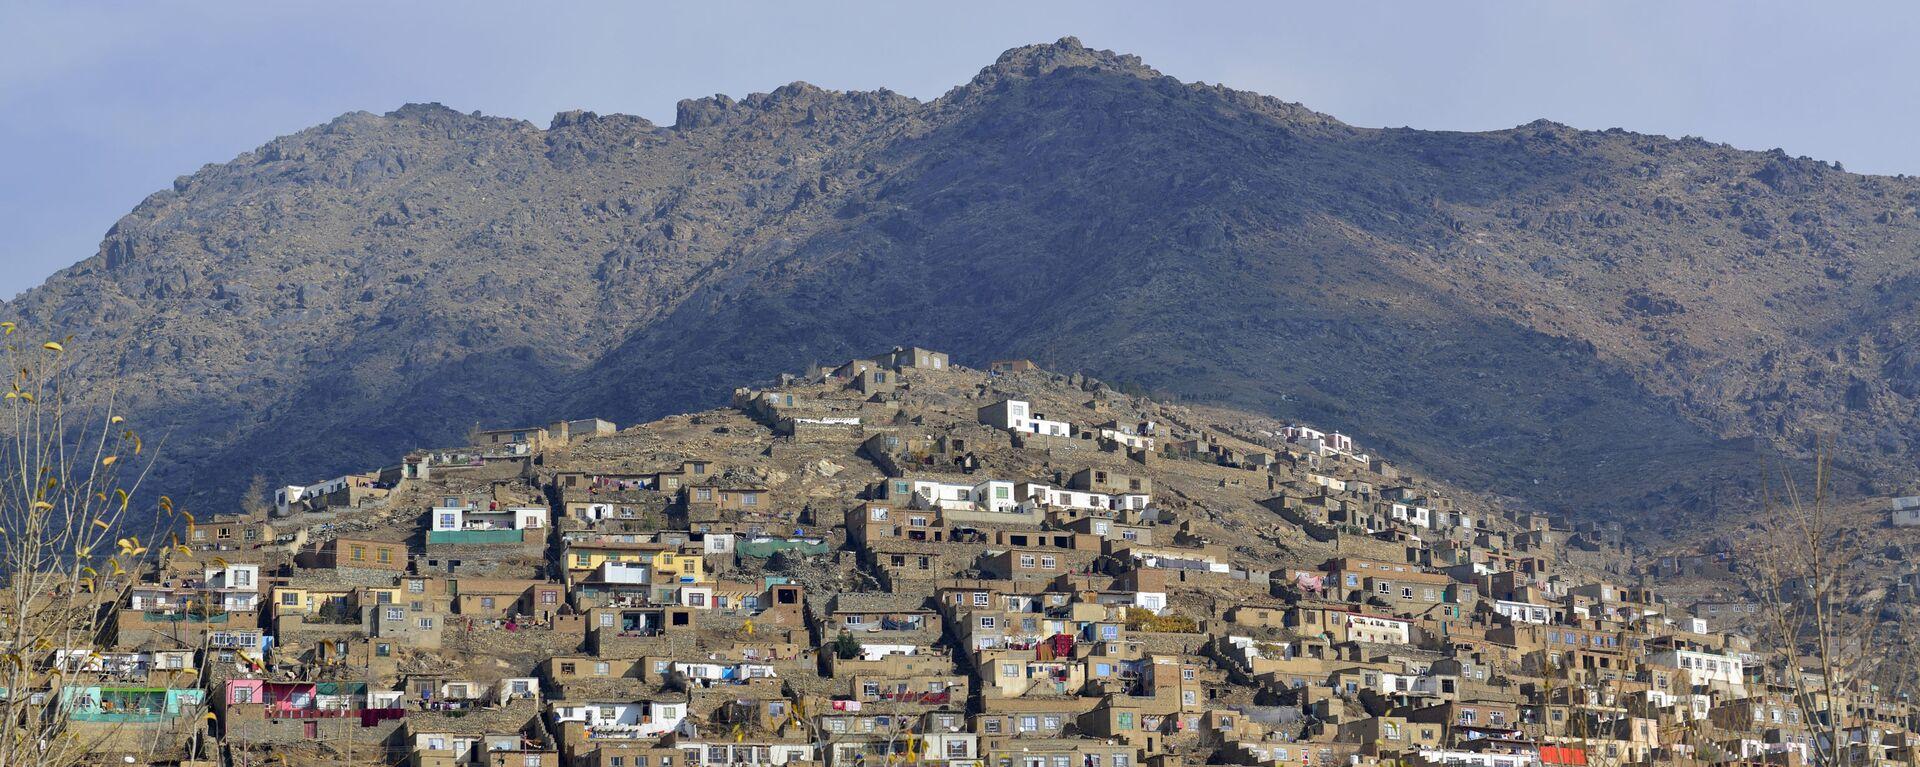 Кабул, архивное фото - Sputnik Таджикистан, 1920, 06.07.2021